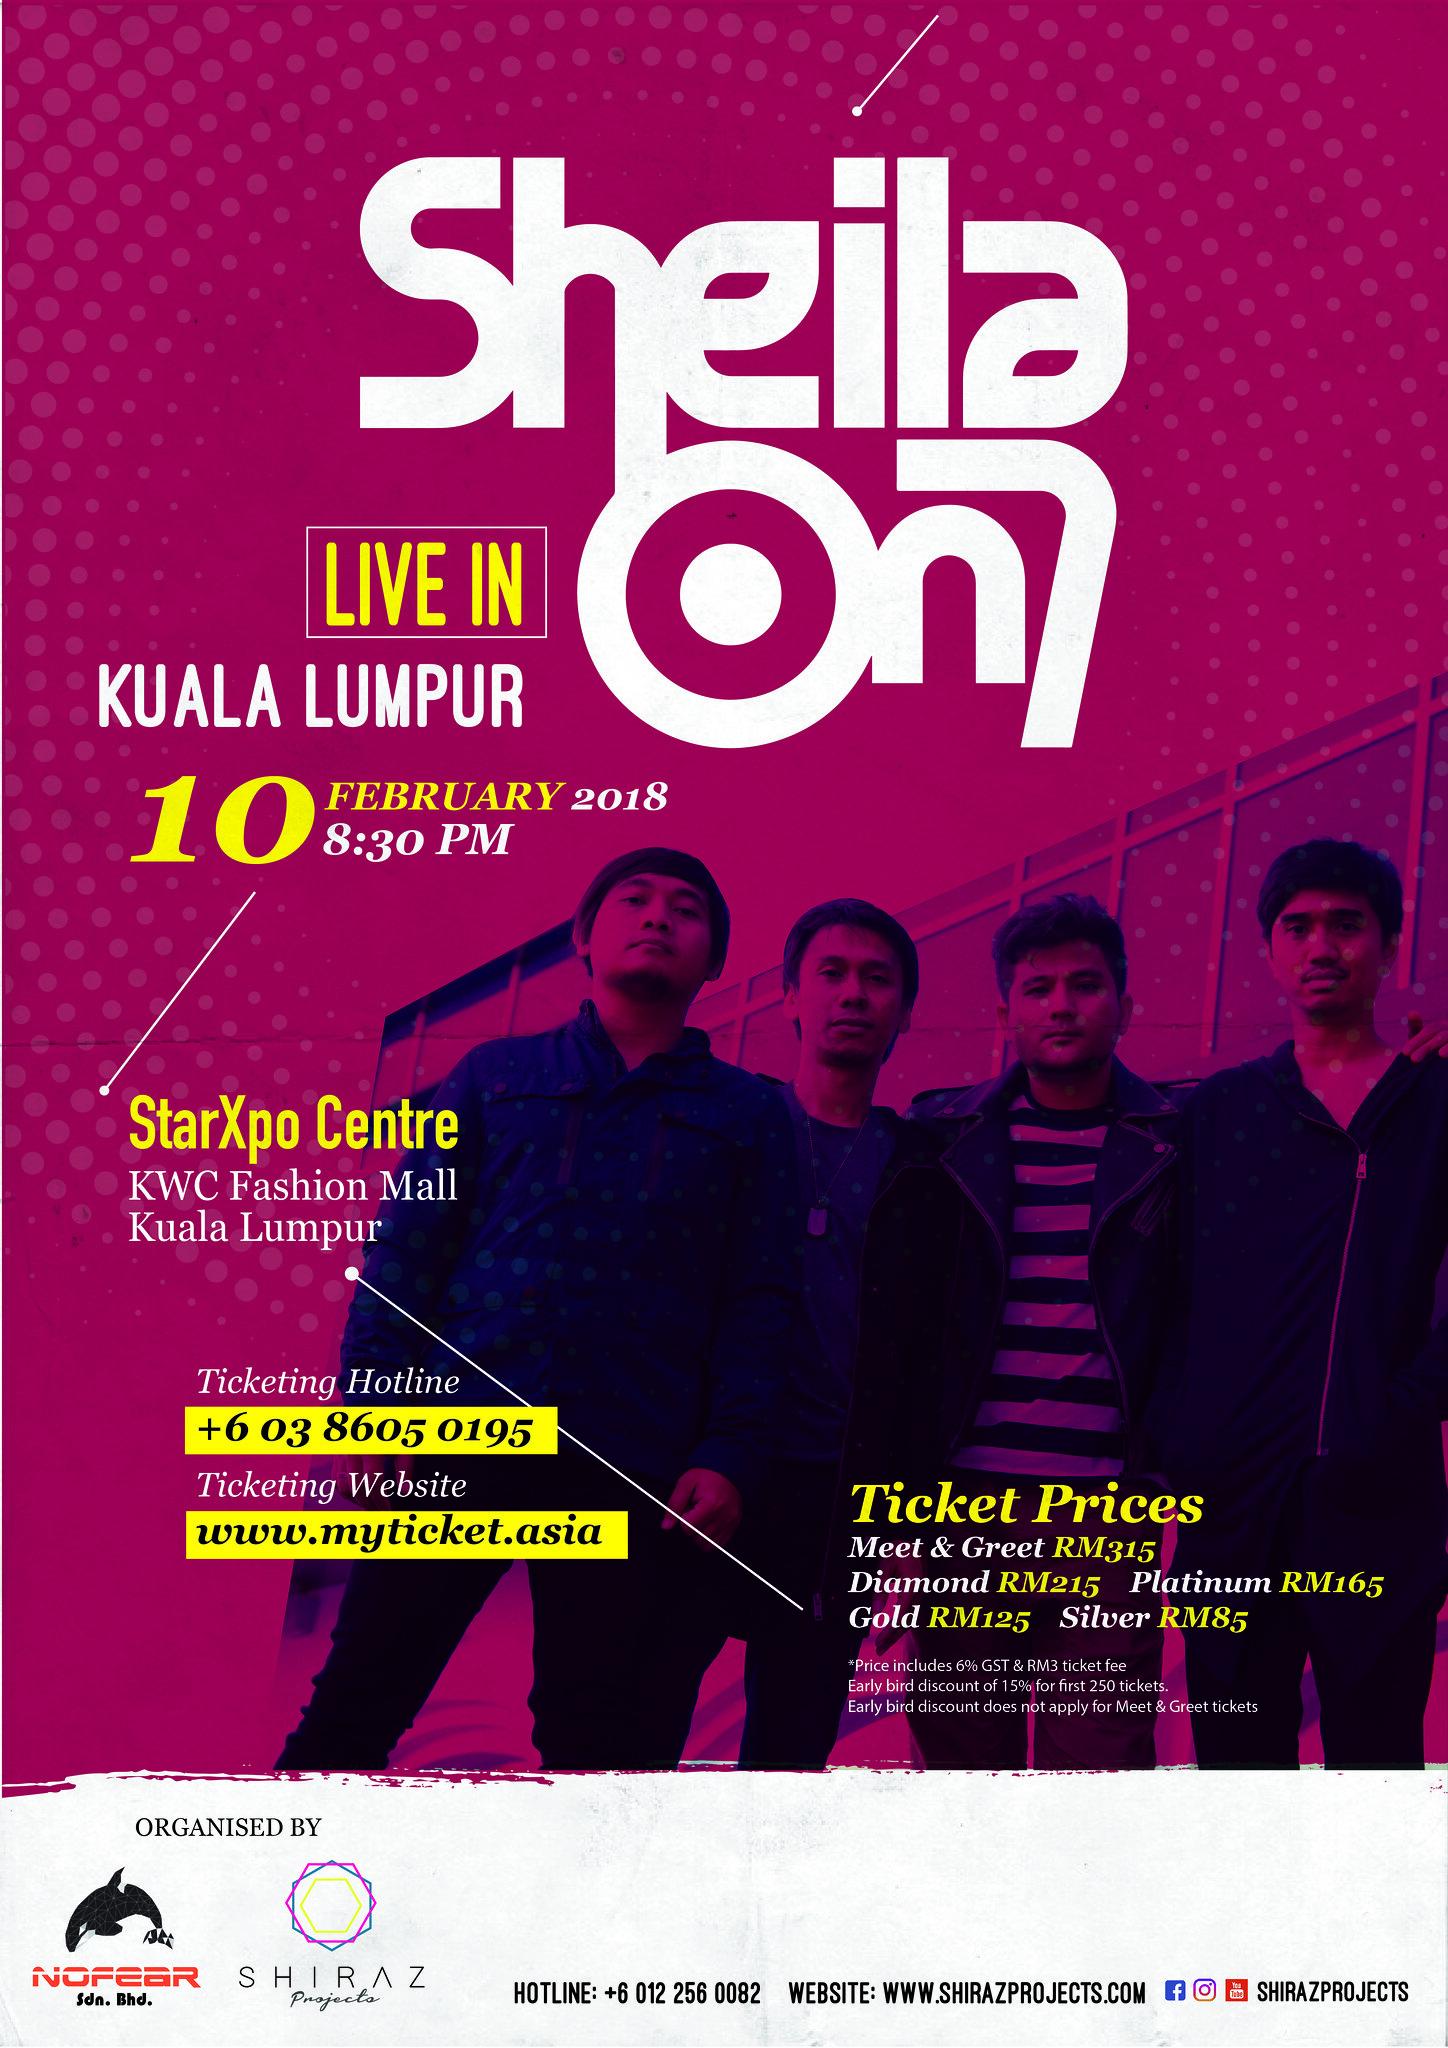 SHEILA ON 7- Live In Kuala Lumpur 2018